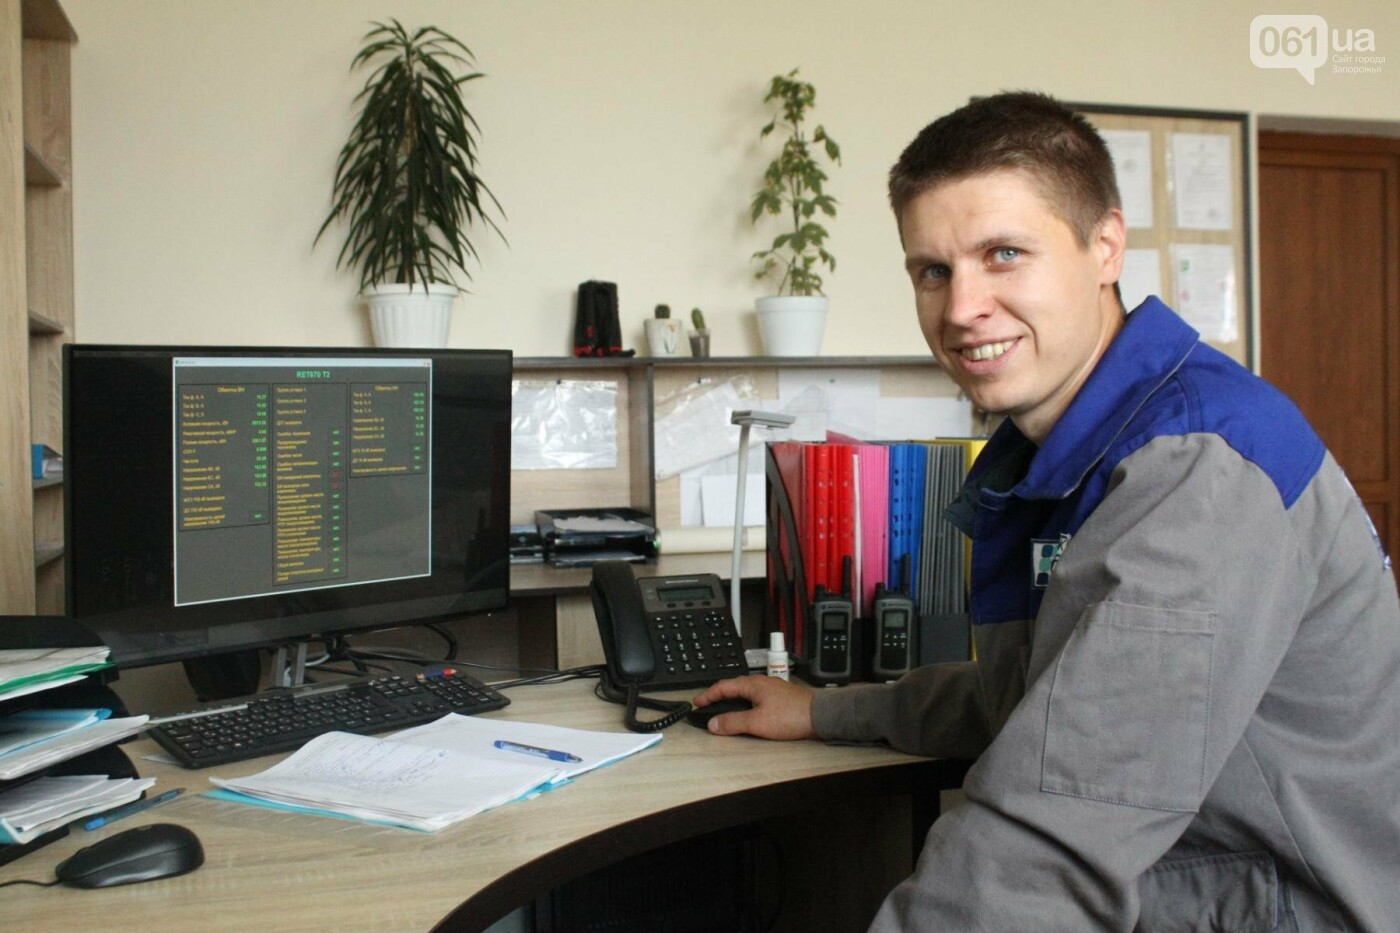 Как в Запорожской области работает крупнейшая в Украине солнечная станция: экскурсия на производство, — ФОТОРЕПОРТАЖ, фото-40